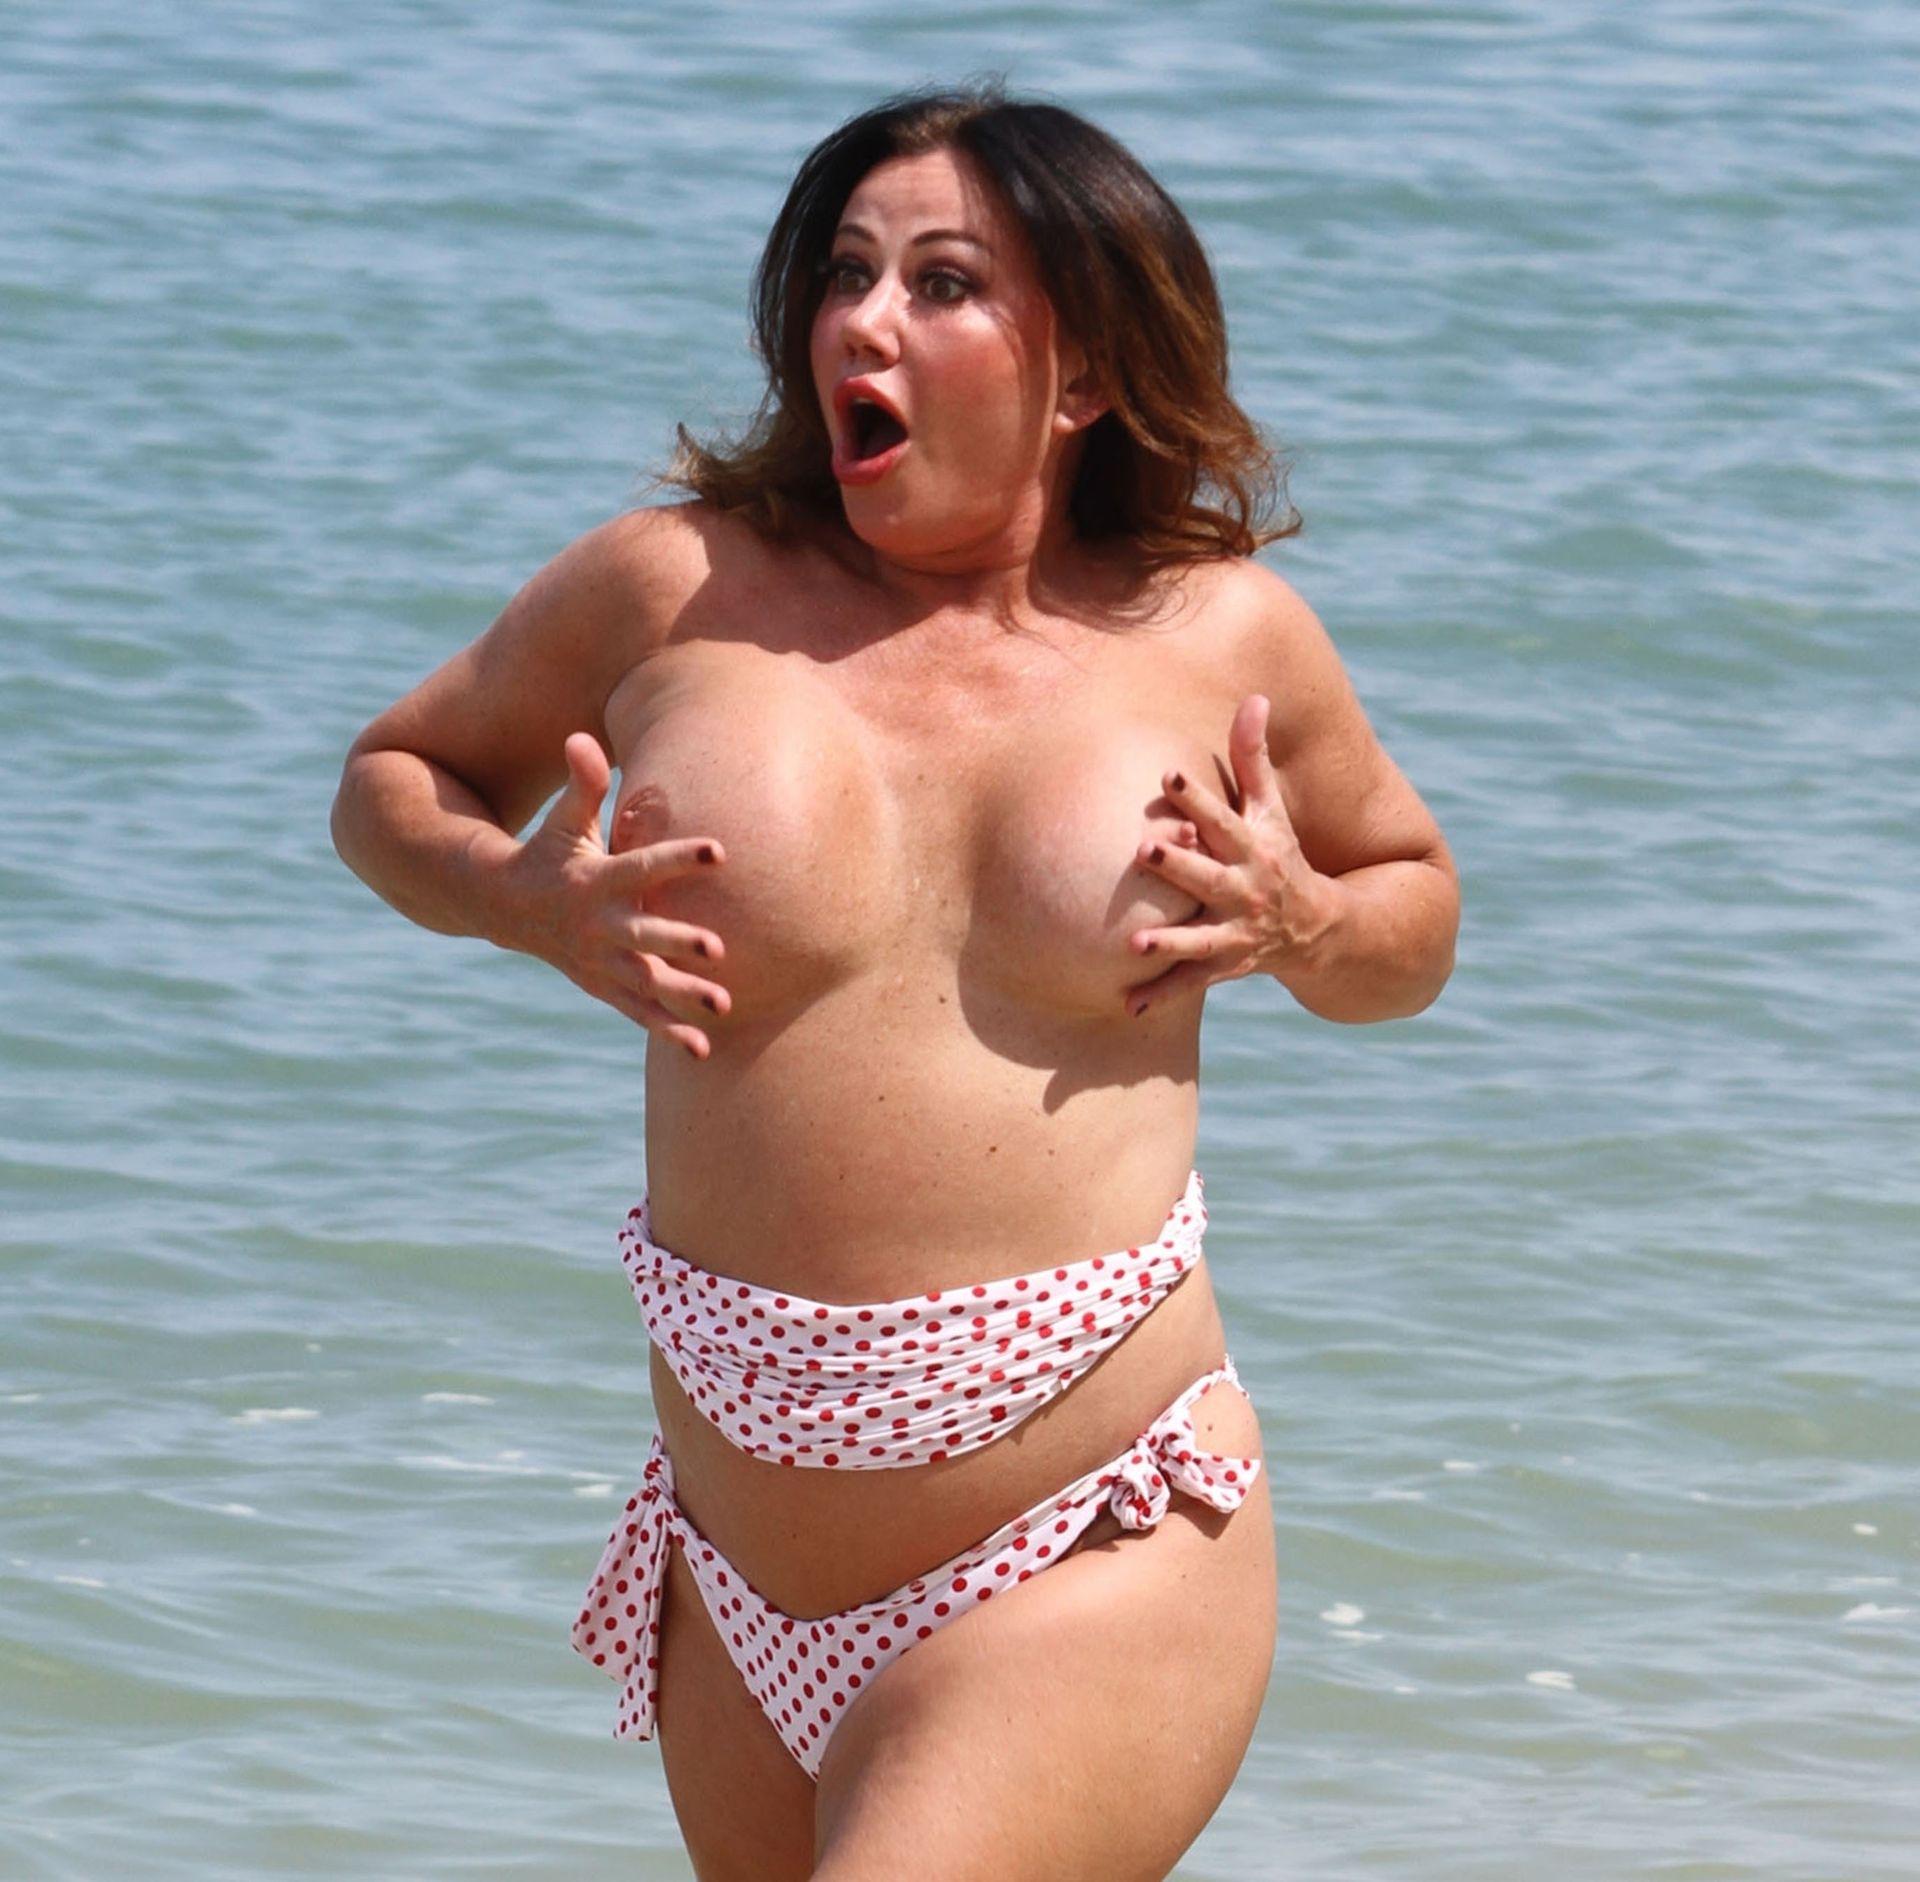 Lisa Appleton Hot & Topless 0028